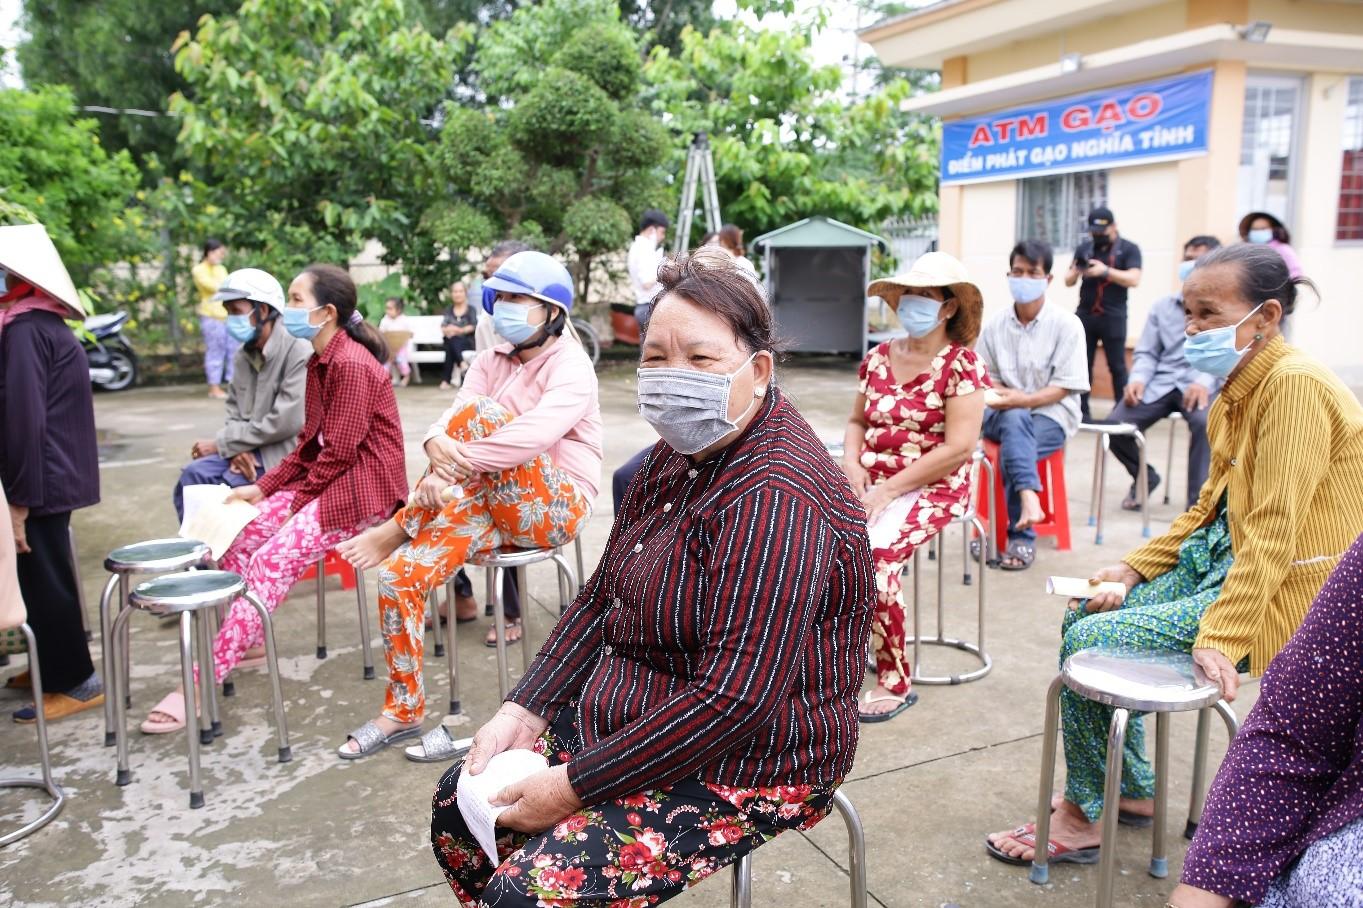 Tập đoàn Nam Long hỗ trợ hệ thống ATM gạo tại tỉnh Long An, tiếp sức cộng đồng cùng vượt khó 5